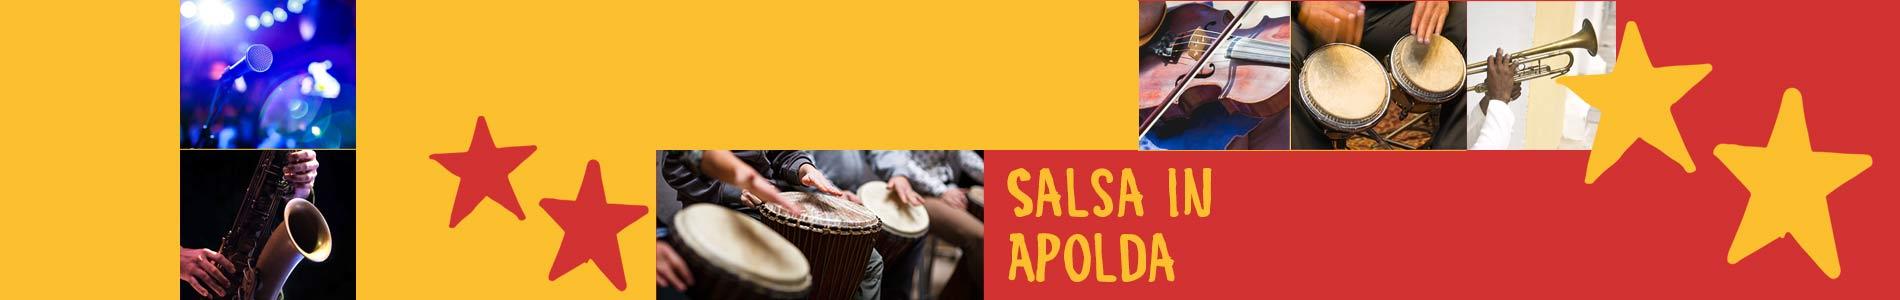 Salsa in Apolda – Salsa lernen und tanzen, Tanzkurse, Partys, Veranstaltungen